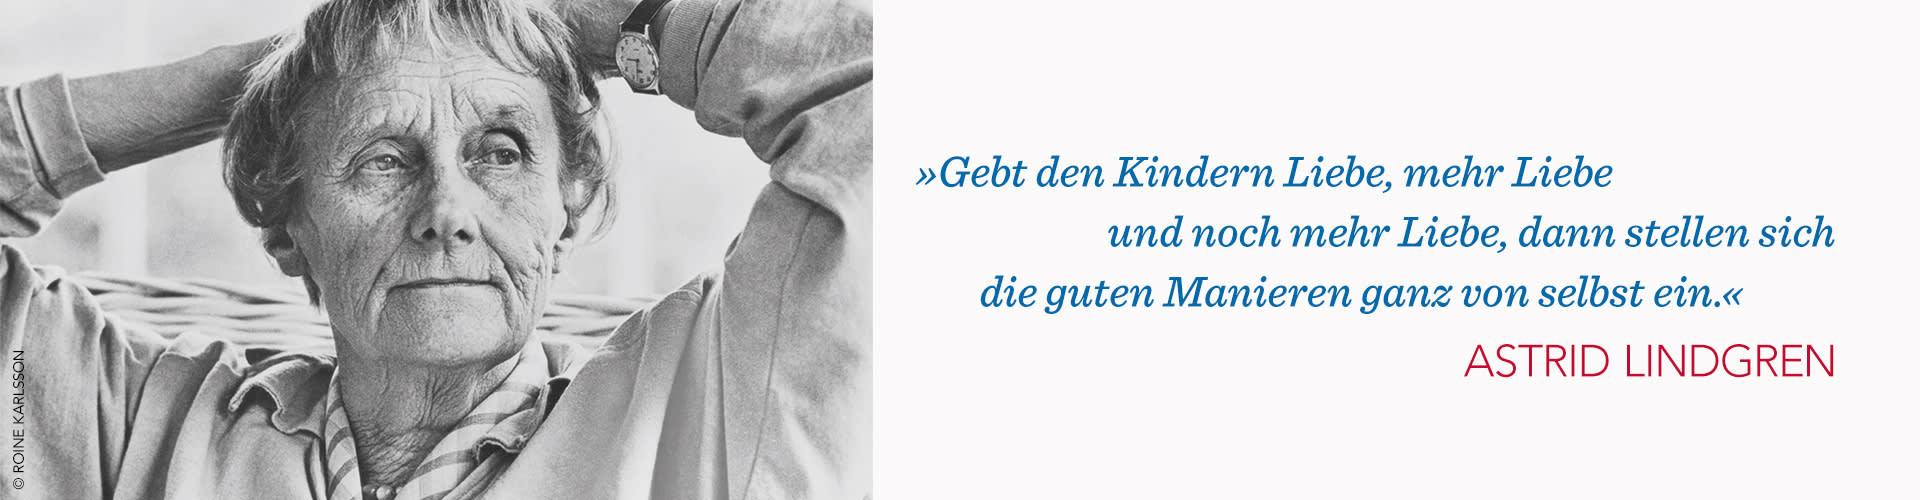 Astrid Lindgren Portrait und Zitat